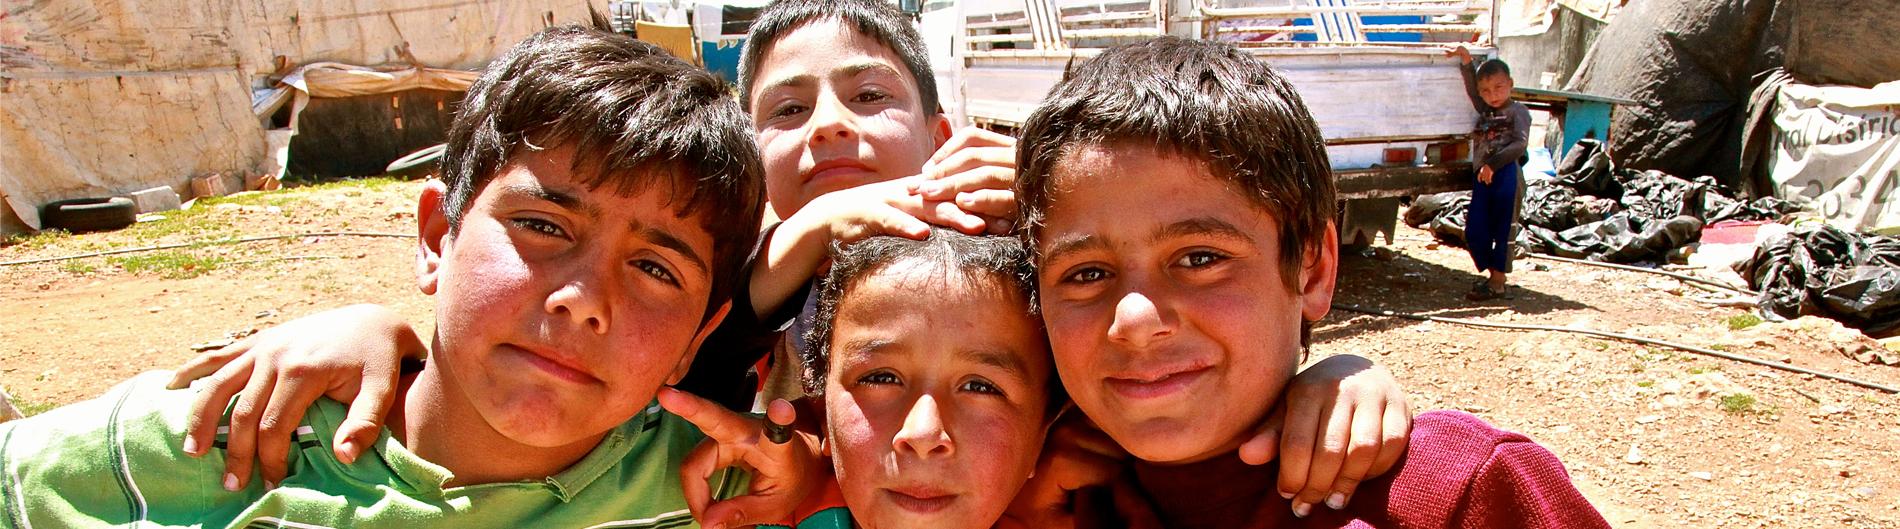 Agua potable refugiados Líbano